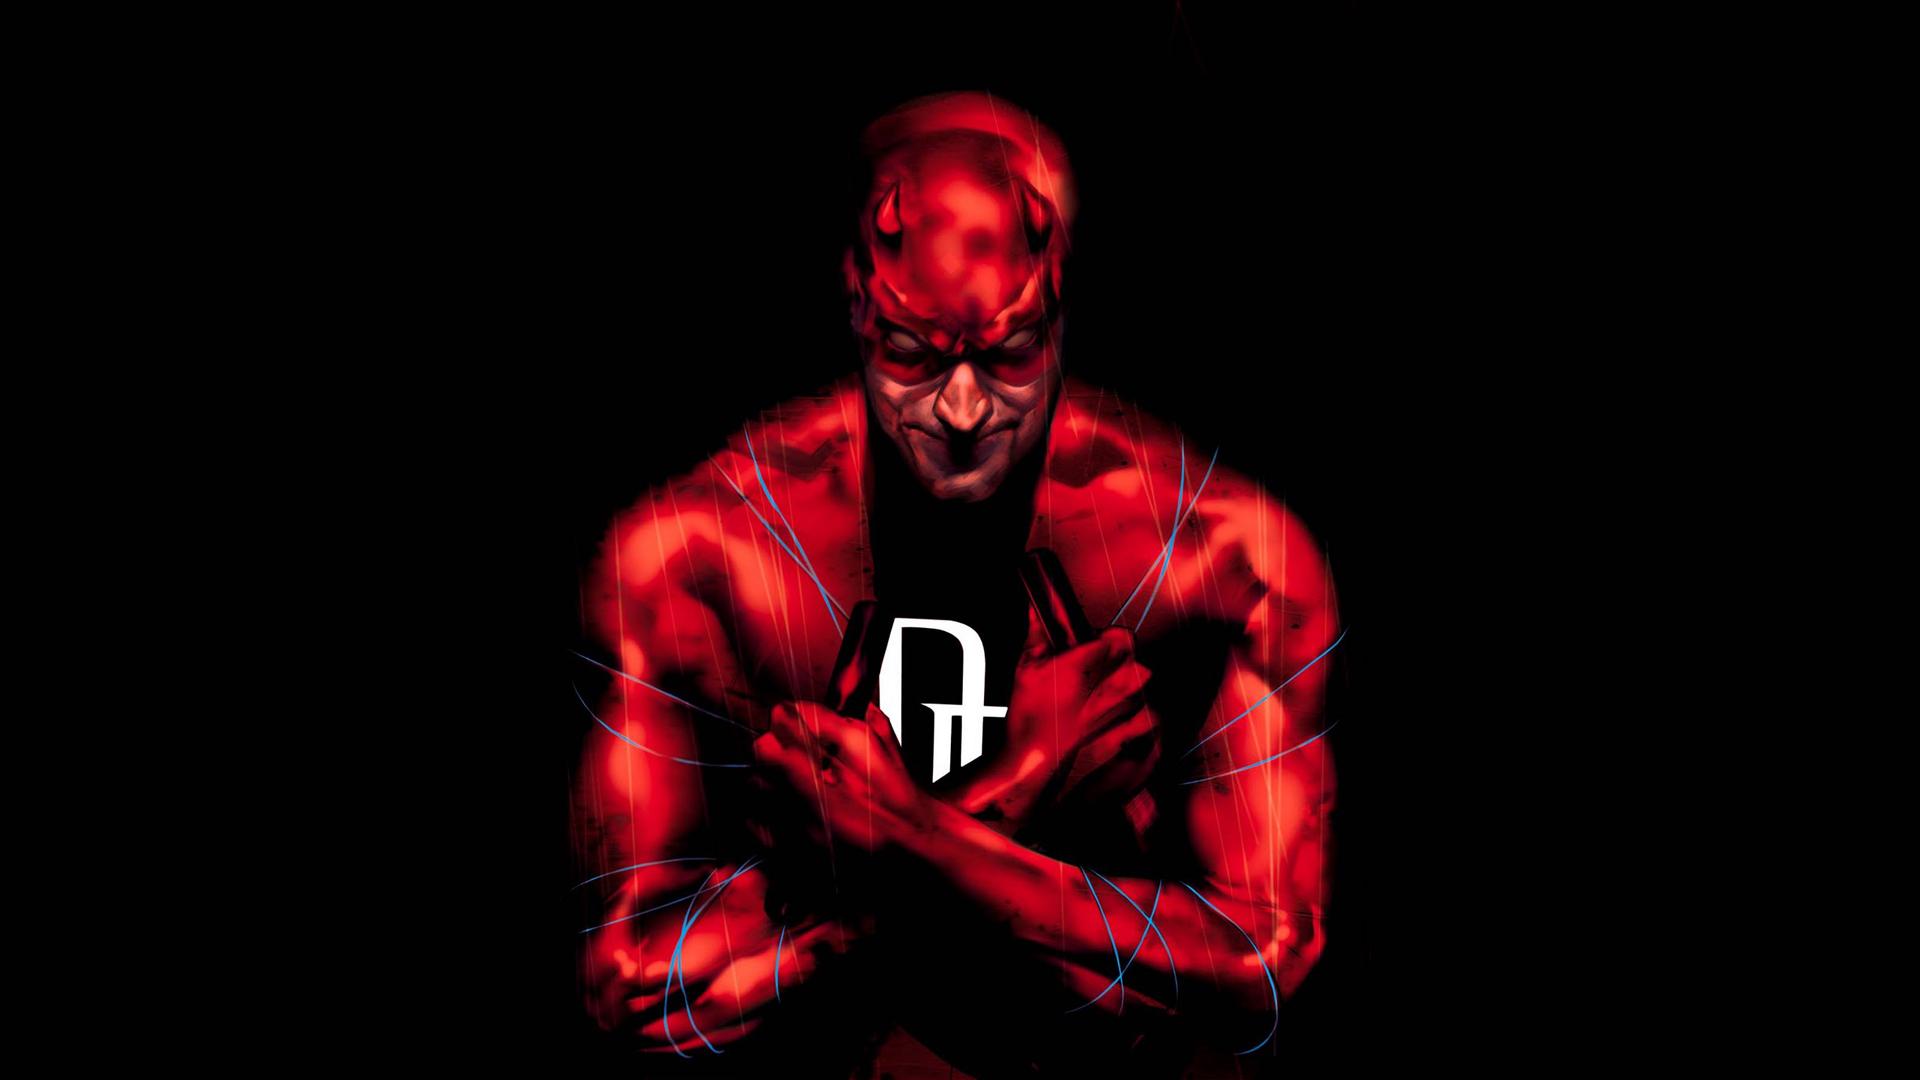 Dessins En Couleurs à Imprimer Spiderman Numéro 22321: Dessins En Couleurs à Imprimer : Daredevil, Numéro : 169621